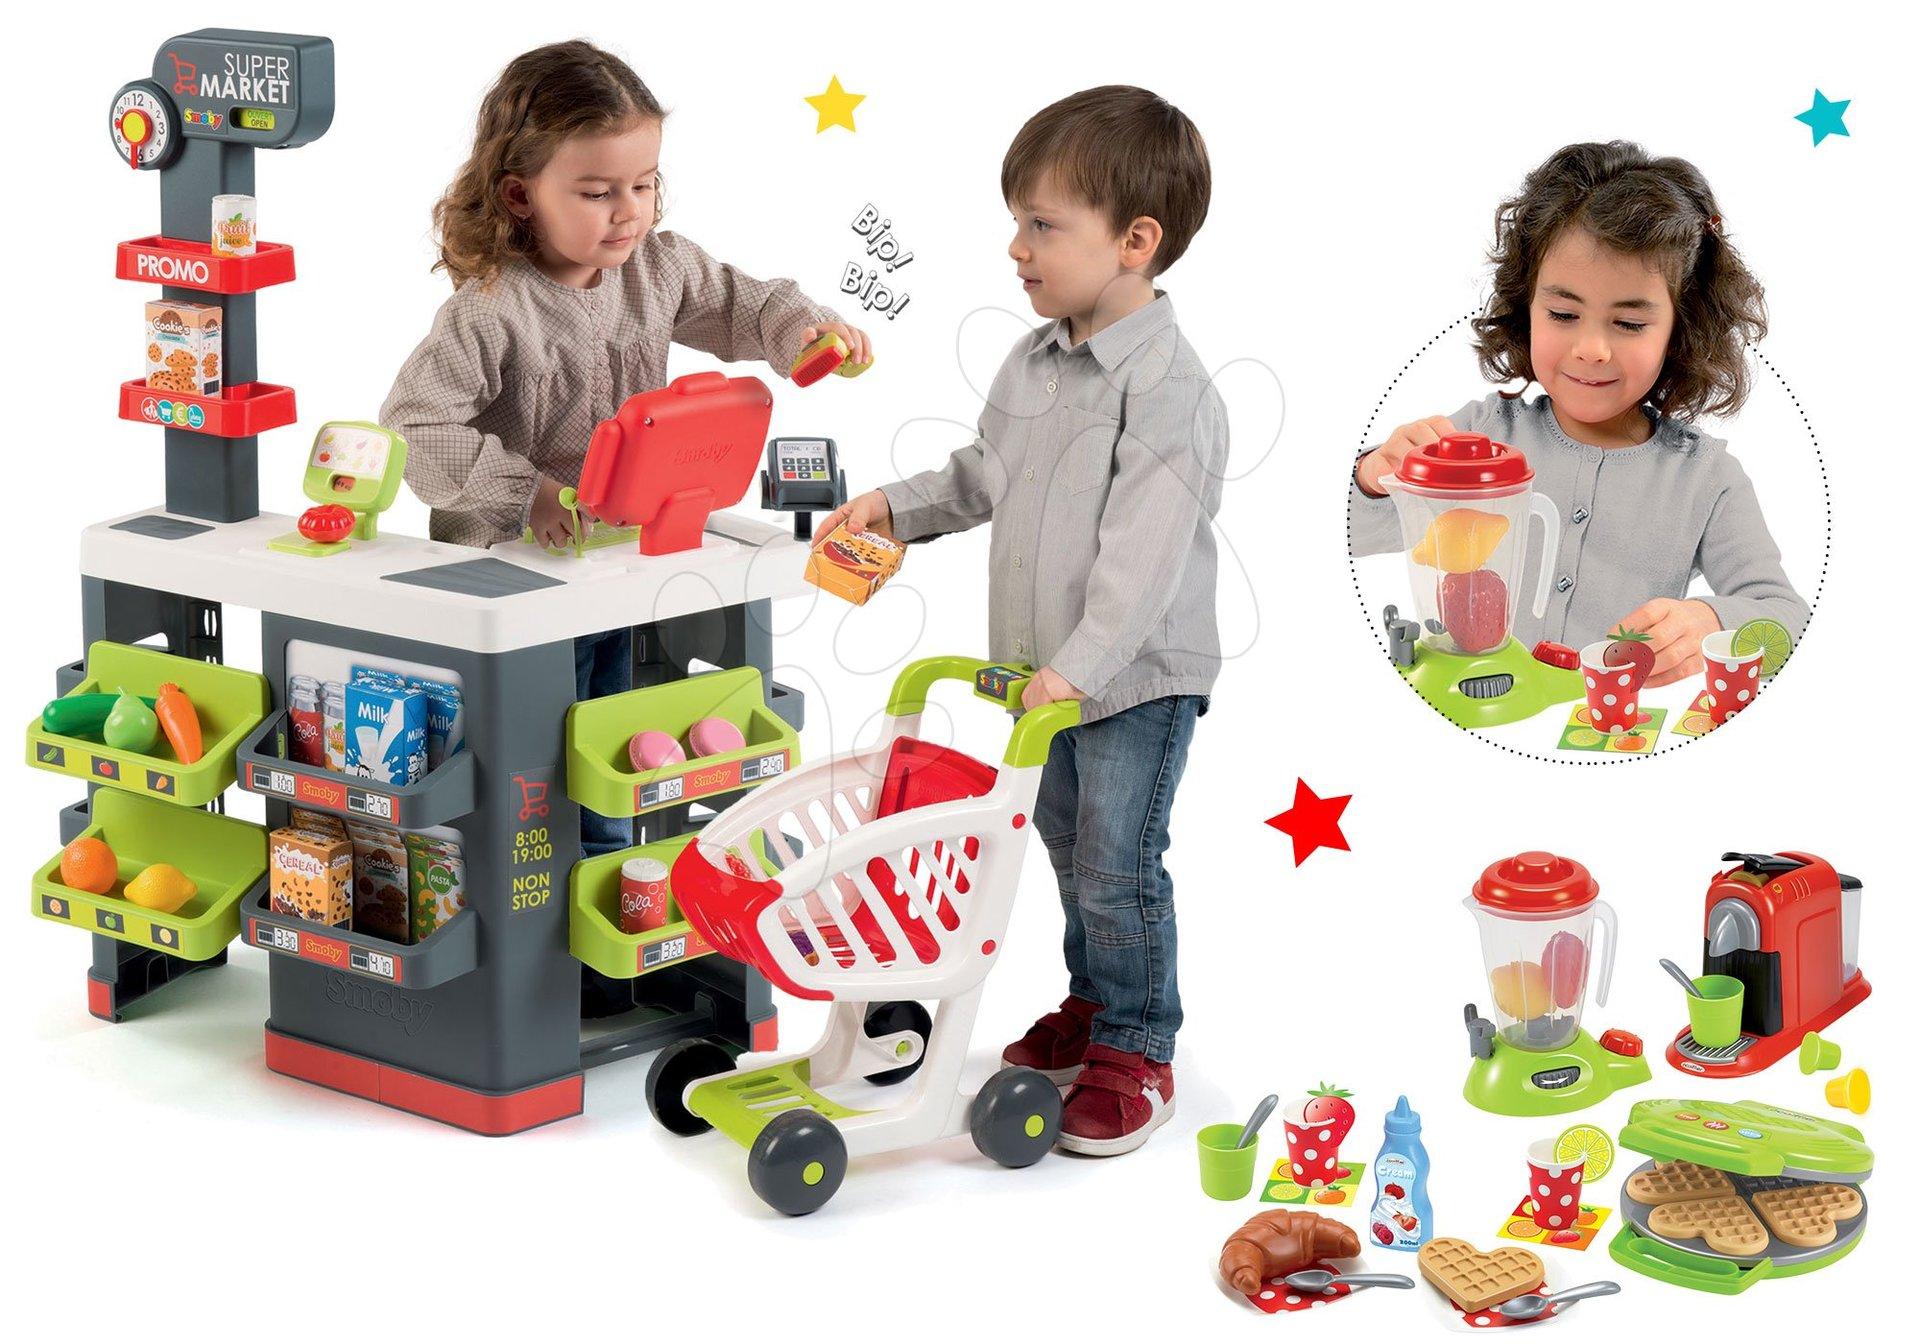 Set obchod Supermarket Smoby s elektronickou pokladnou a vaflovač s mixérem a kávovarem